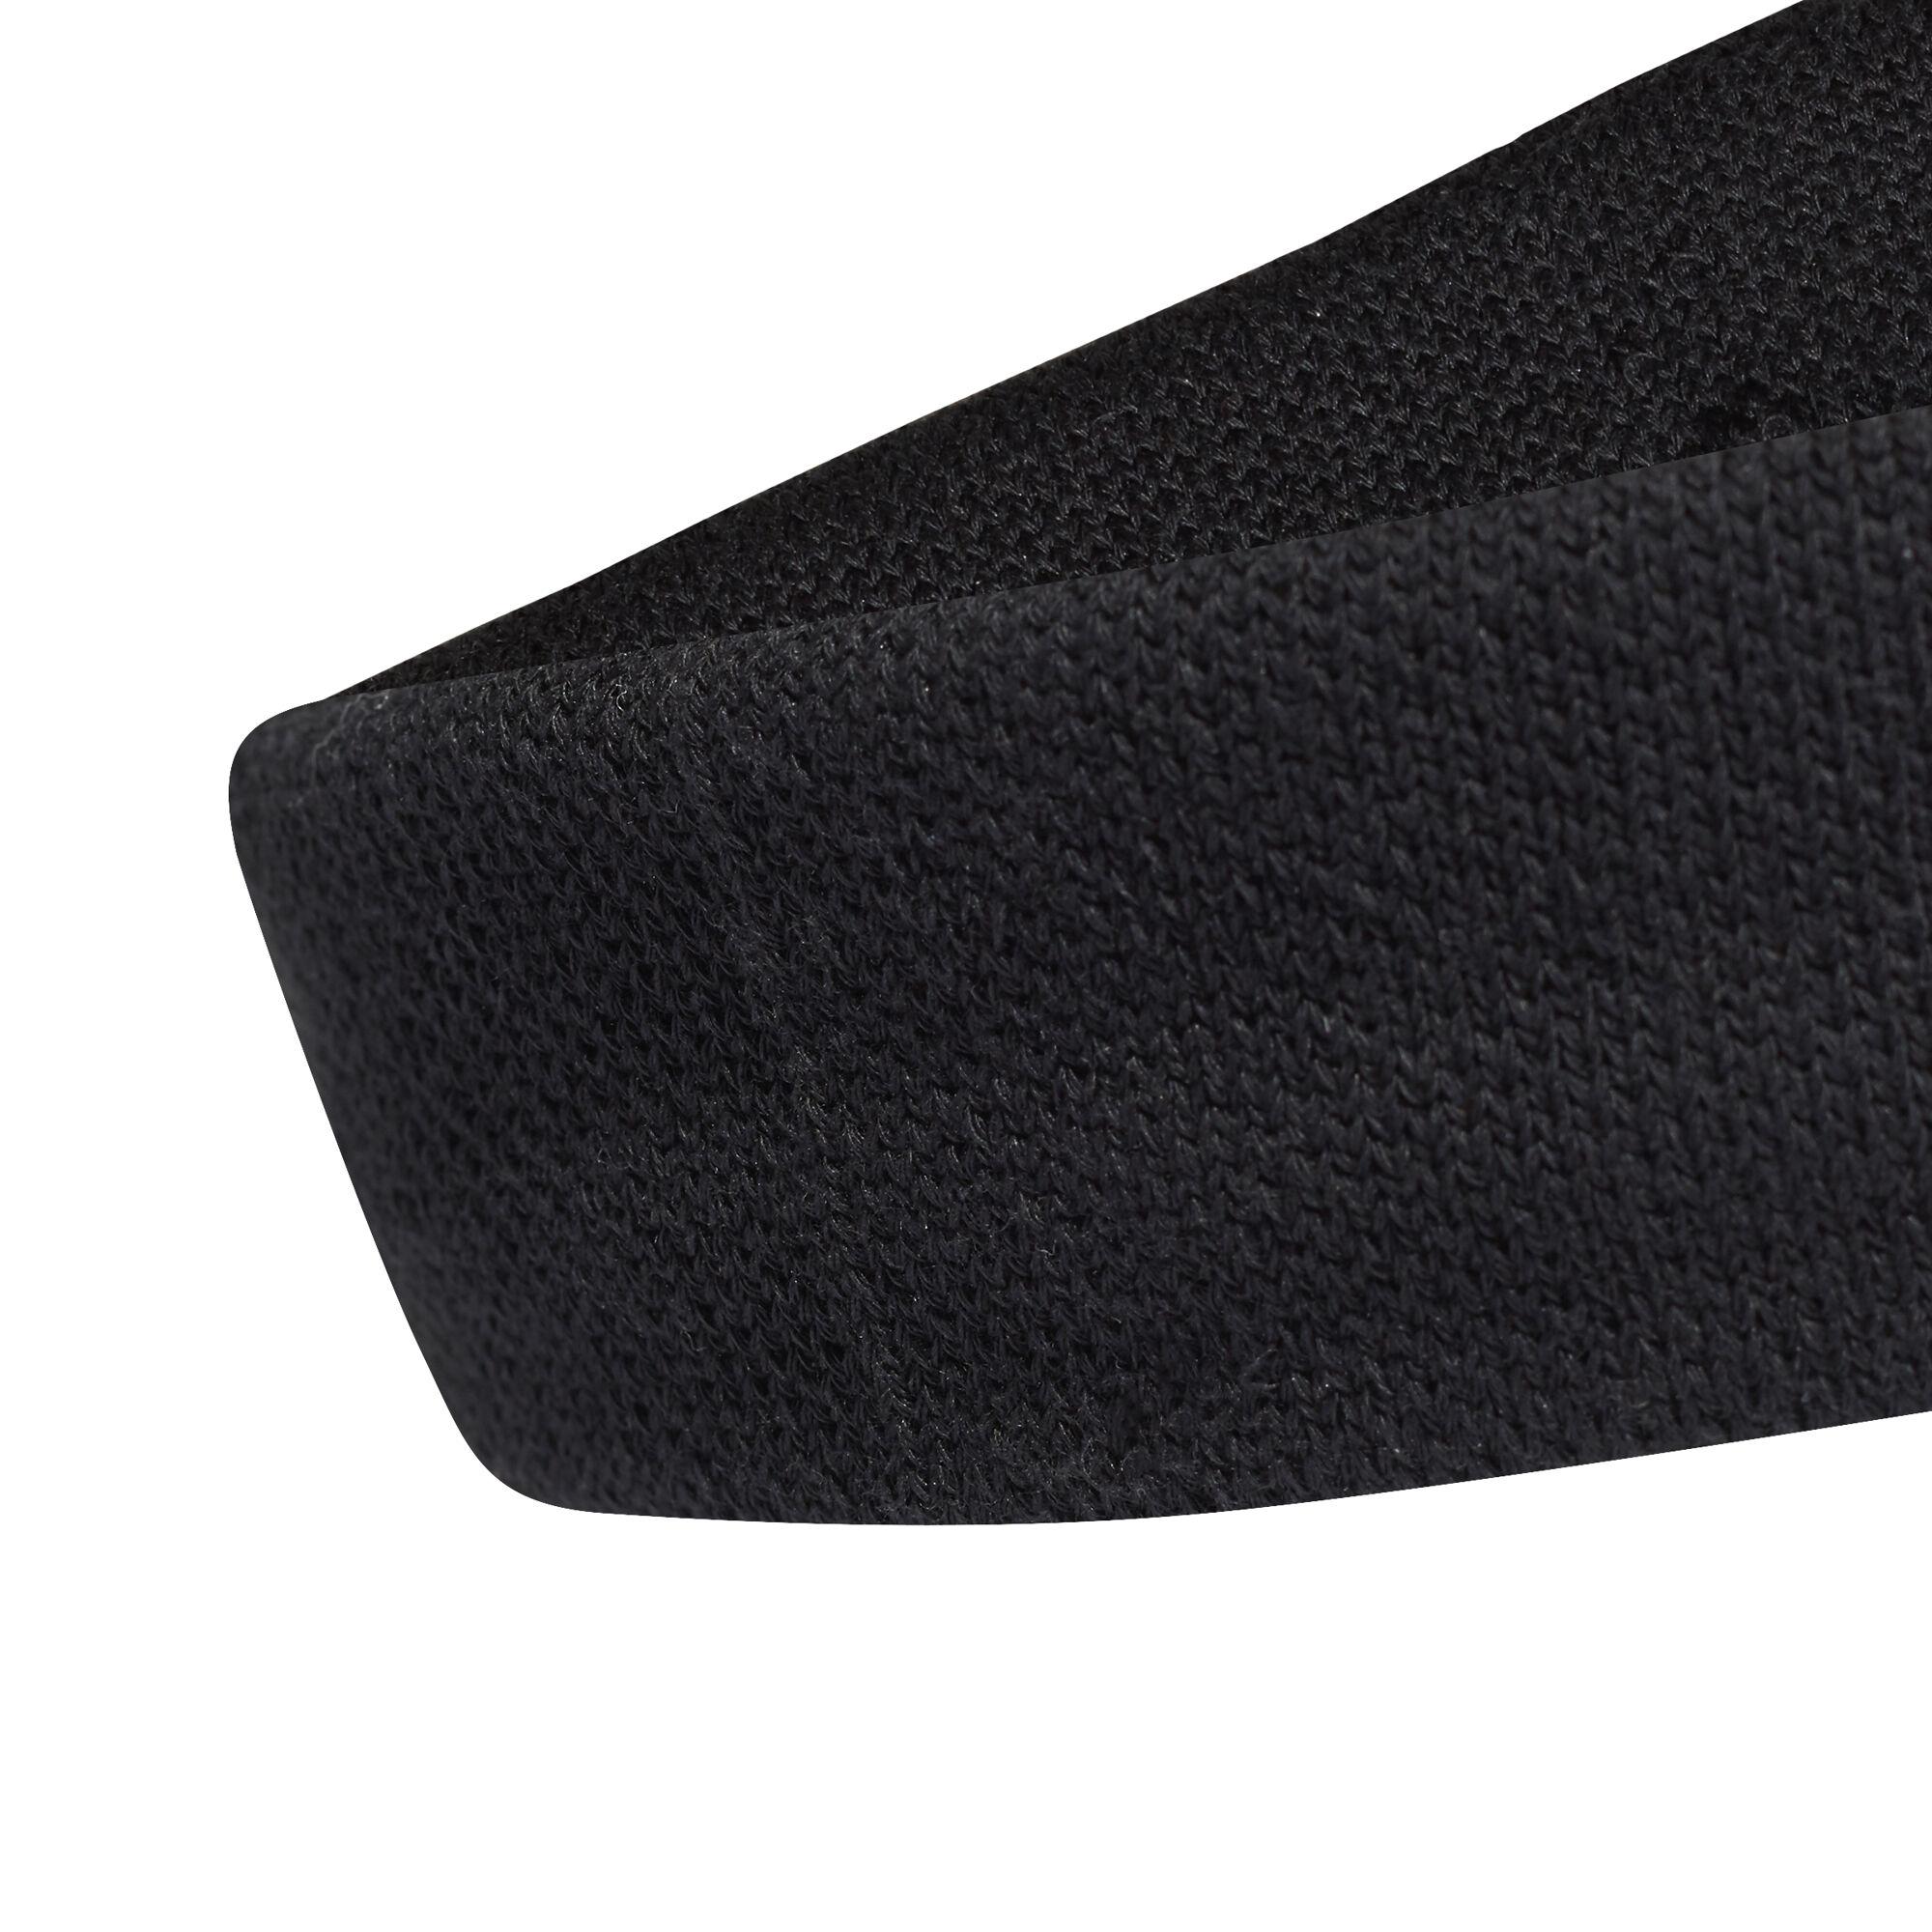 673747b33a1 adidas Pandebånd - Sort, Hvid køb online | Tennis-Point